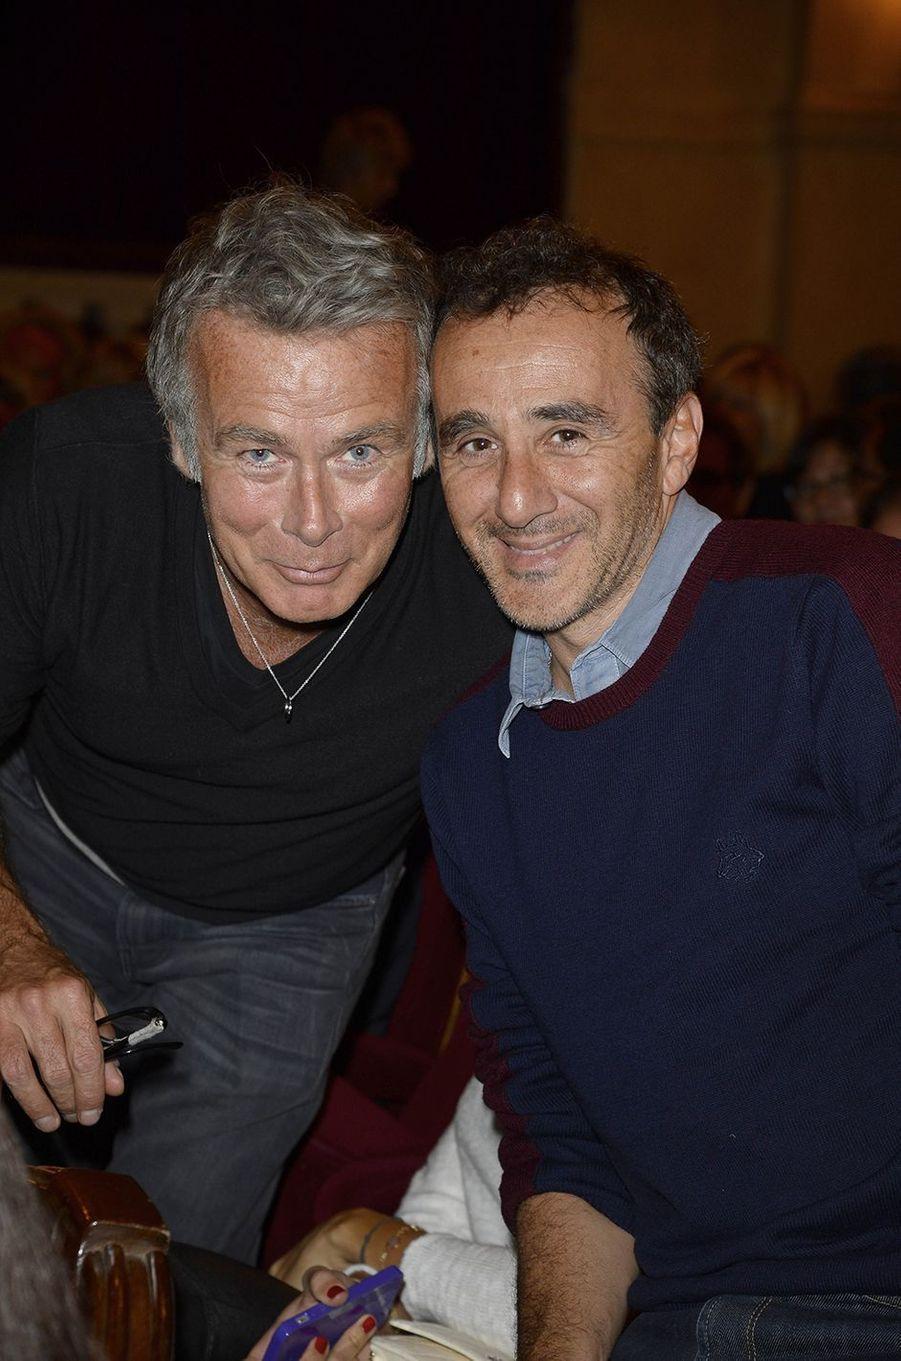 Franck Dubosc et Elie Semoun : les acolytes des «Petites Annonces». Un duo incontournable dont les sketchs cultes des années 1990 amusent toujours autant.